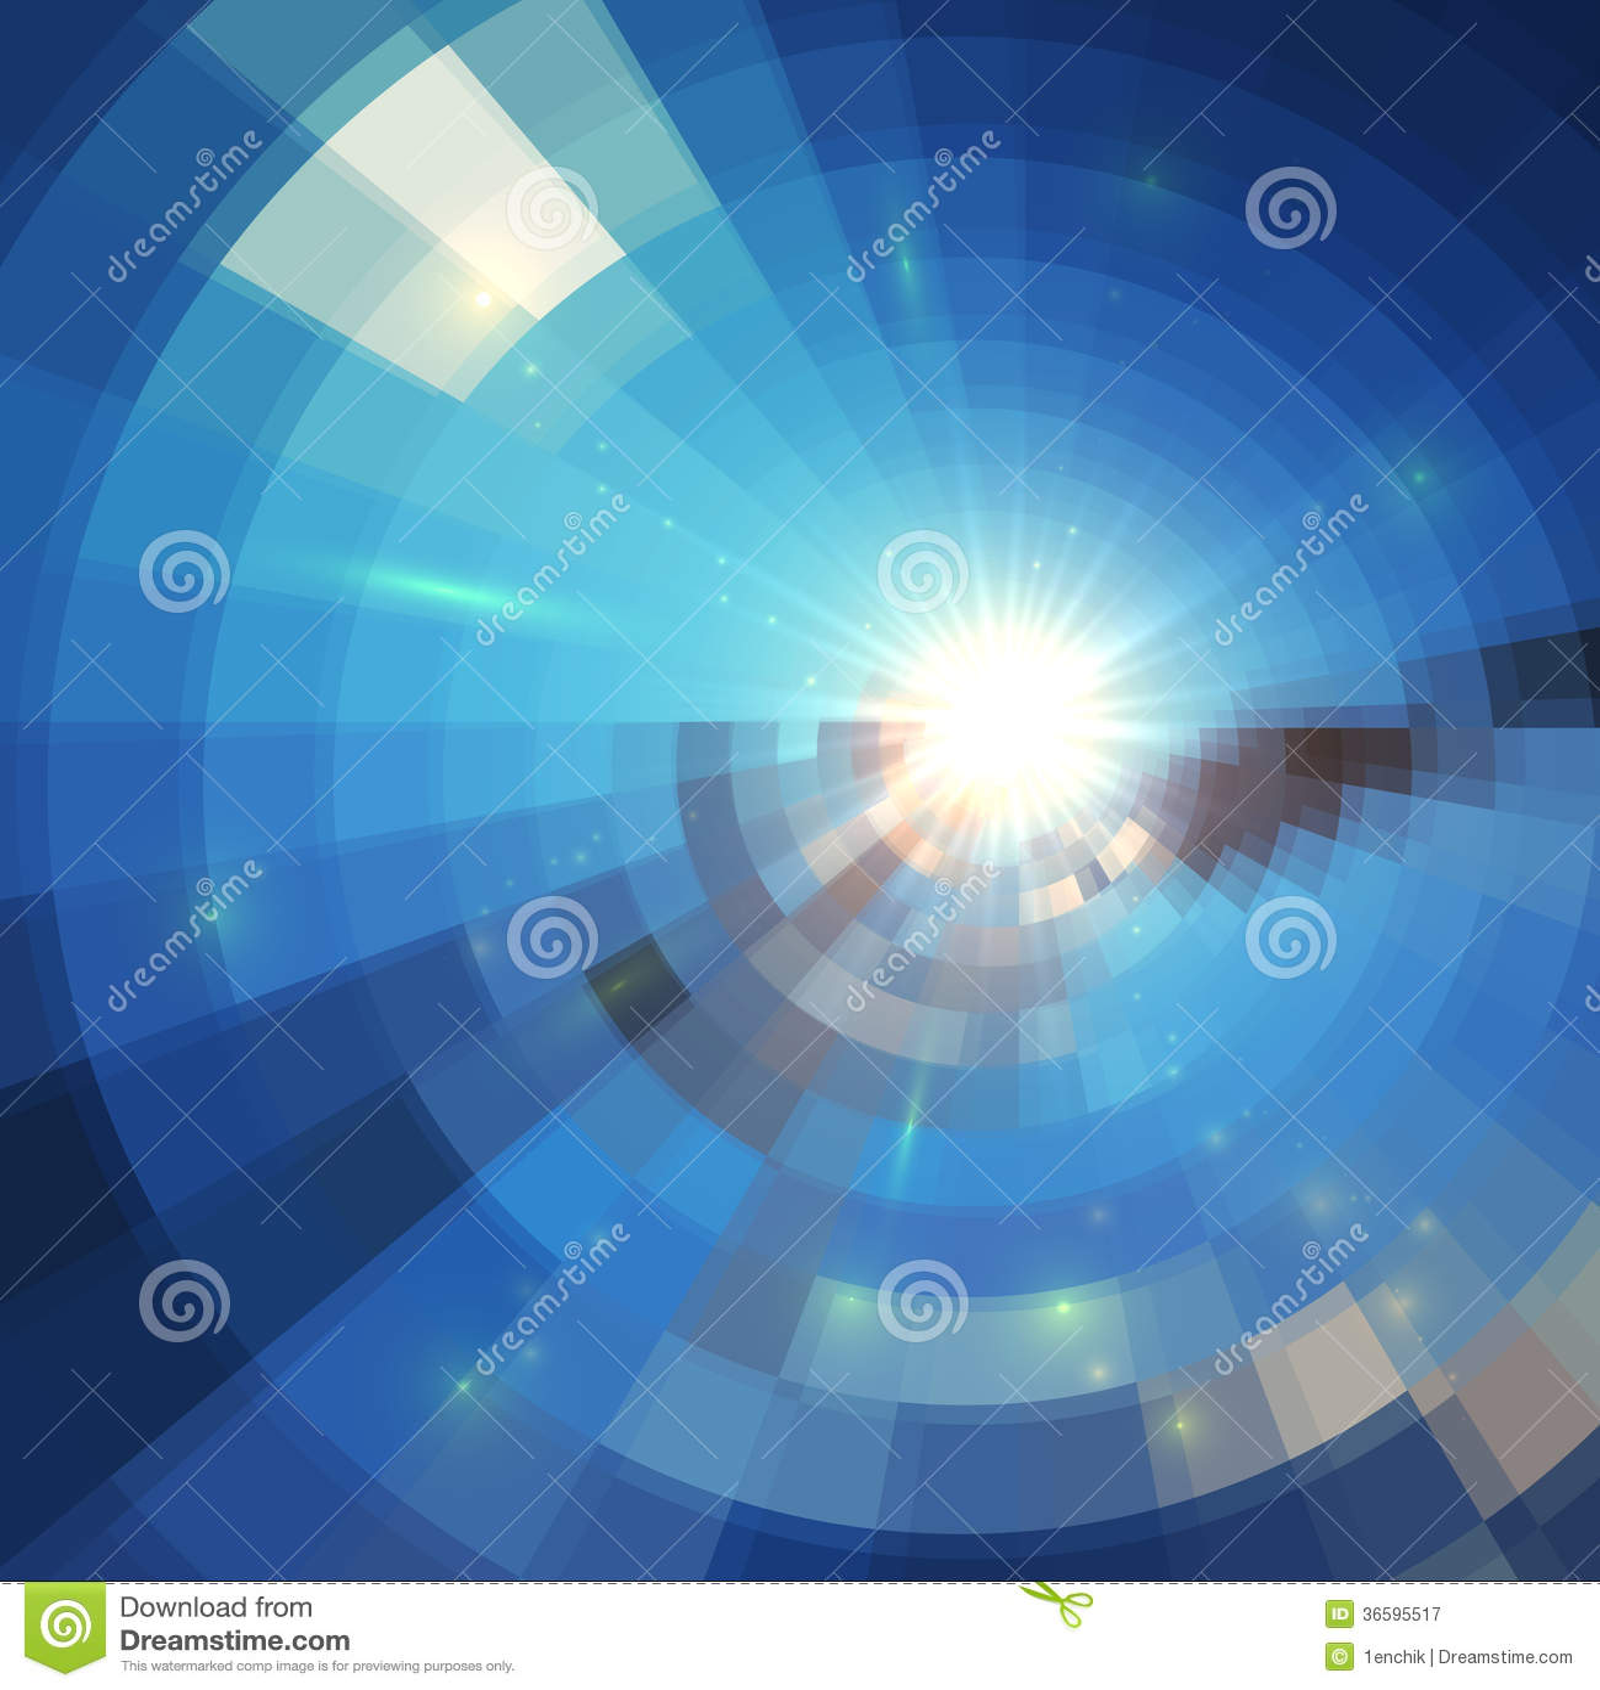 #2384A8 Luz Do Sol Azul Do Inverno Na Janela De Vidro De Mosaico Fotografia de  200 Janelas De Vidro No Abc